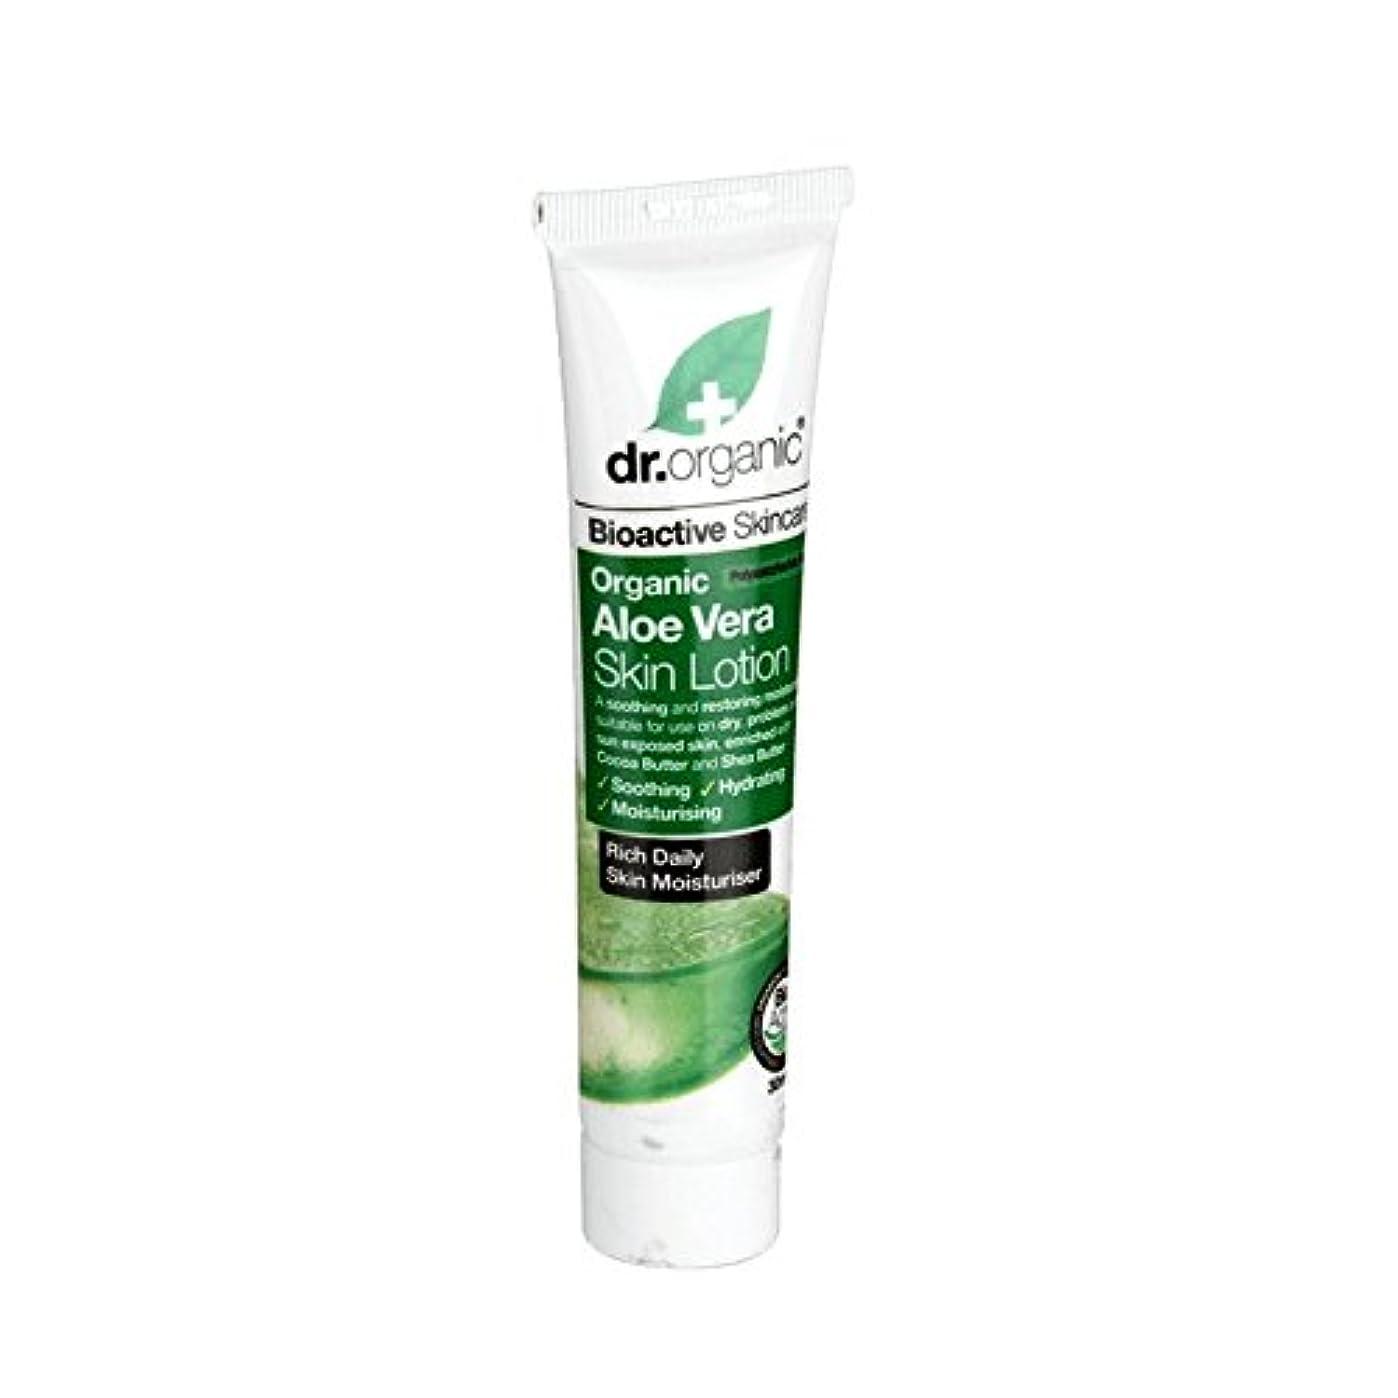 不当乱用資本主義Dr有機アロエベラの旅行スキンローション30ミリリットル - Dr Organic Aloe Vera Travel Skin Lotion 30ml (Dr Organic) [並行輸入品]